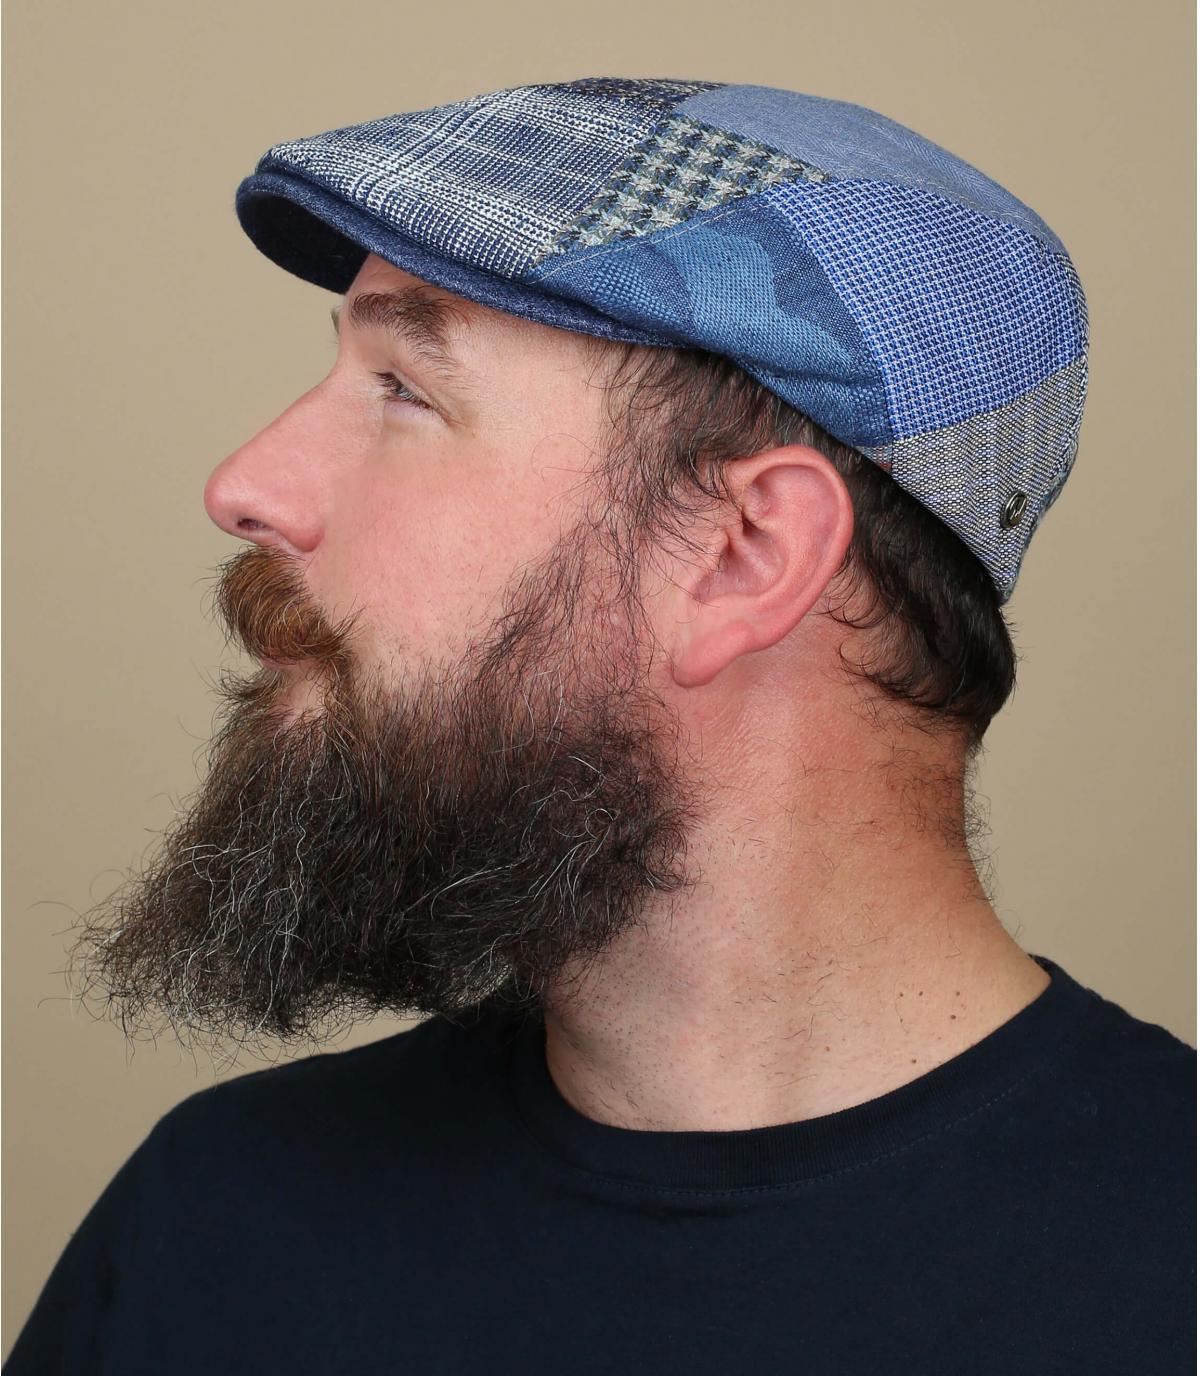 blauw linnen baret patchwork